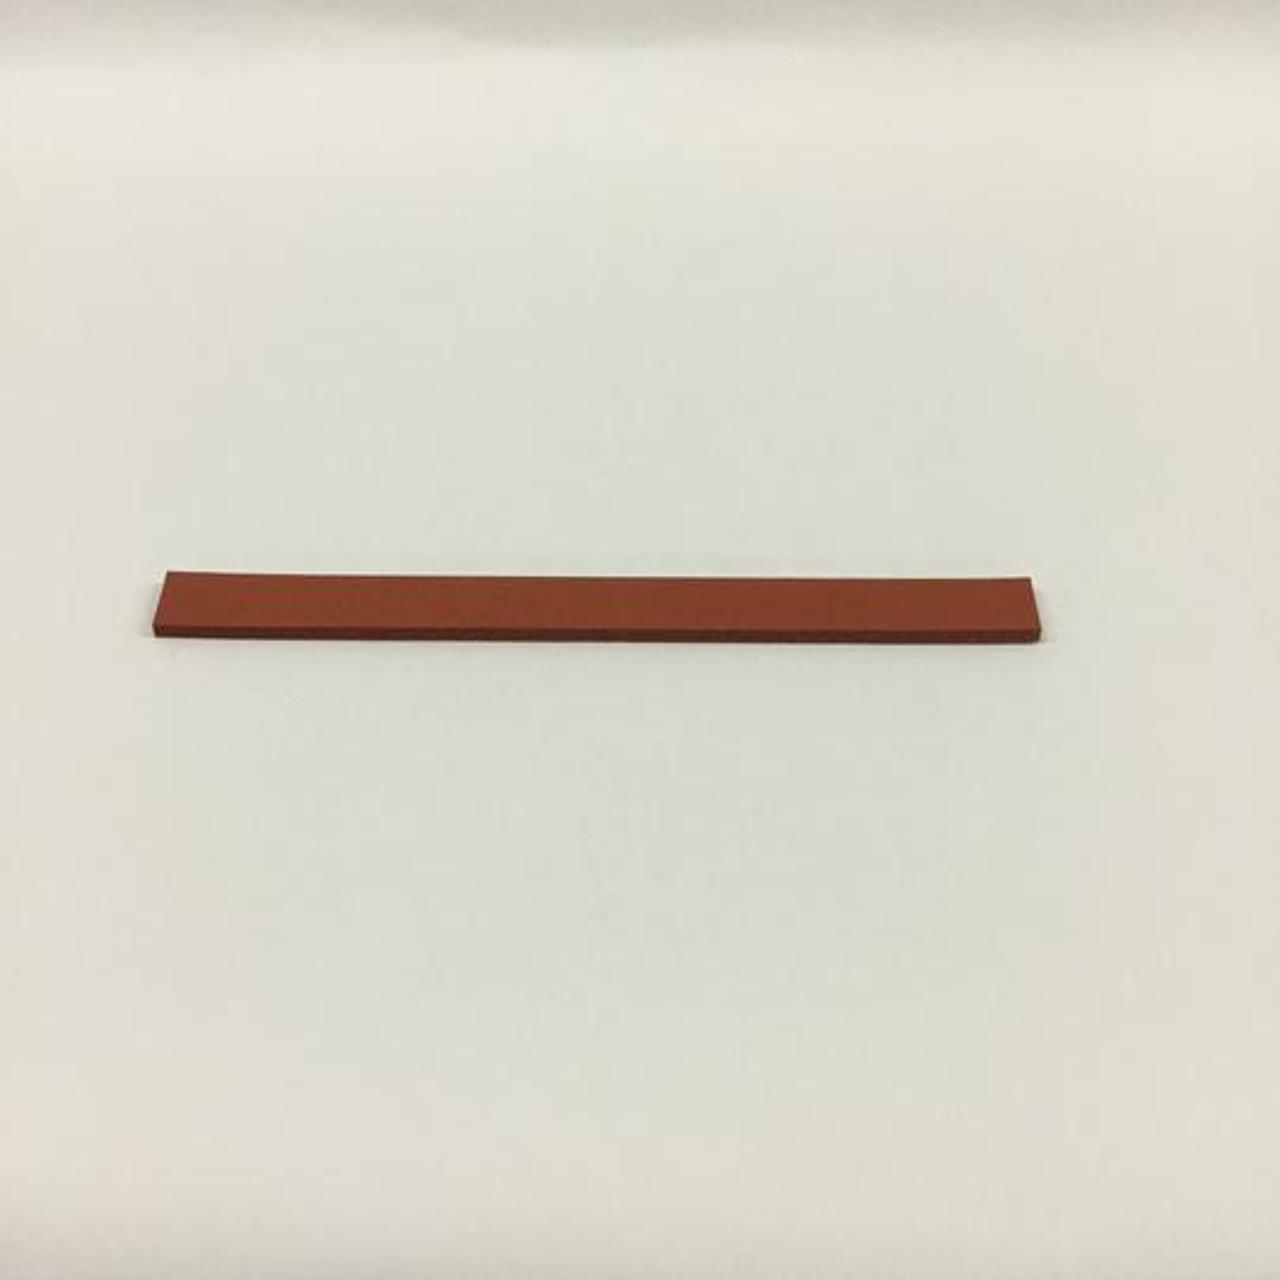 Seal Bar Lid Cushion MV 31 - FM350200 - MiniPack America Parts